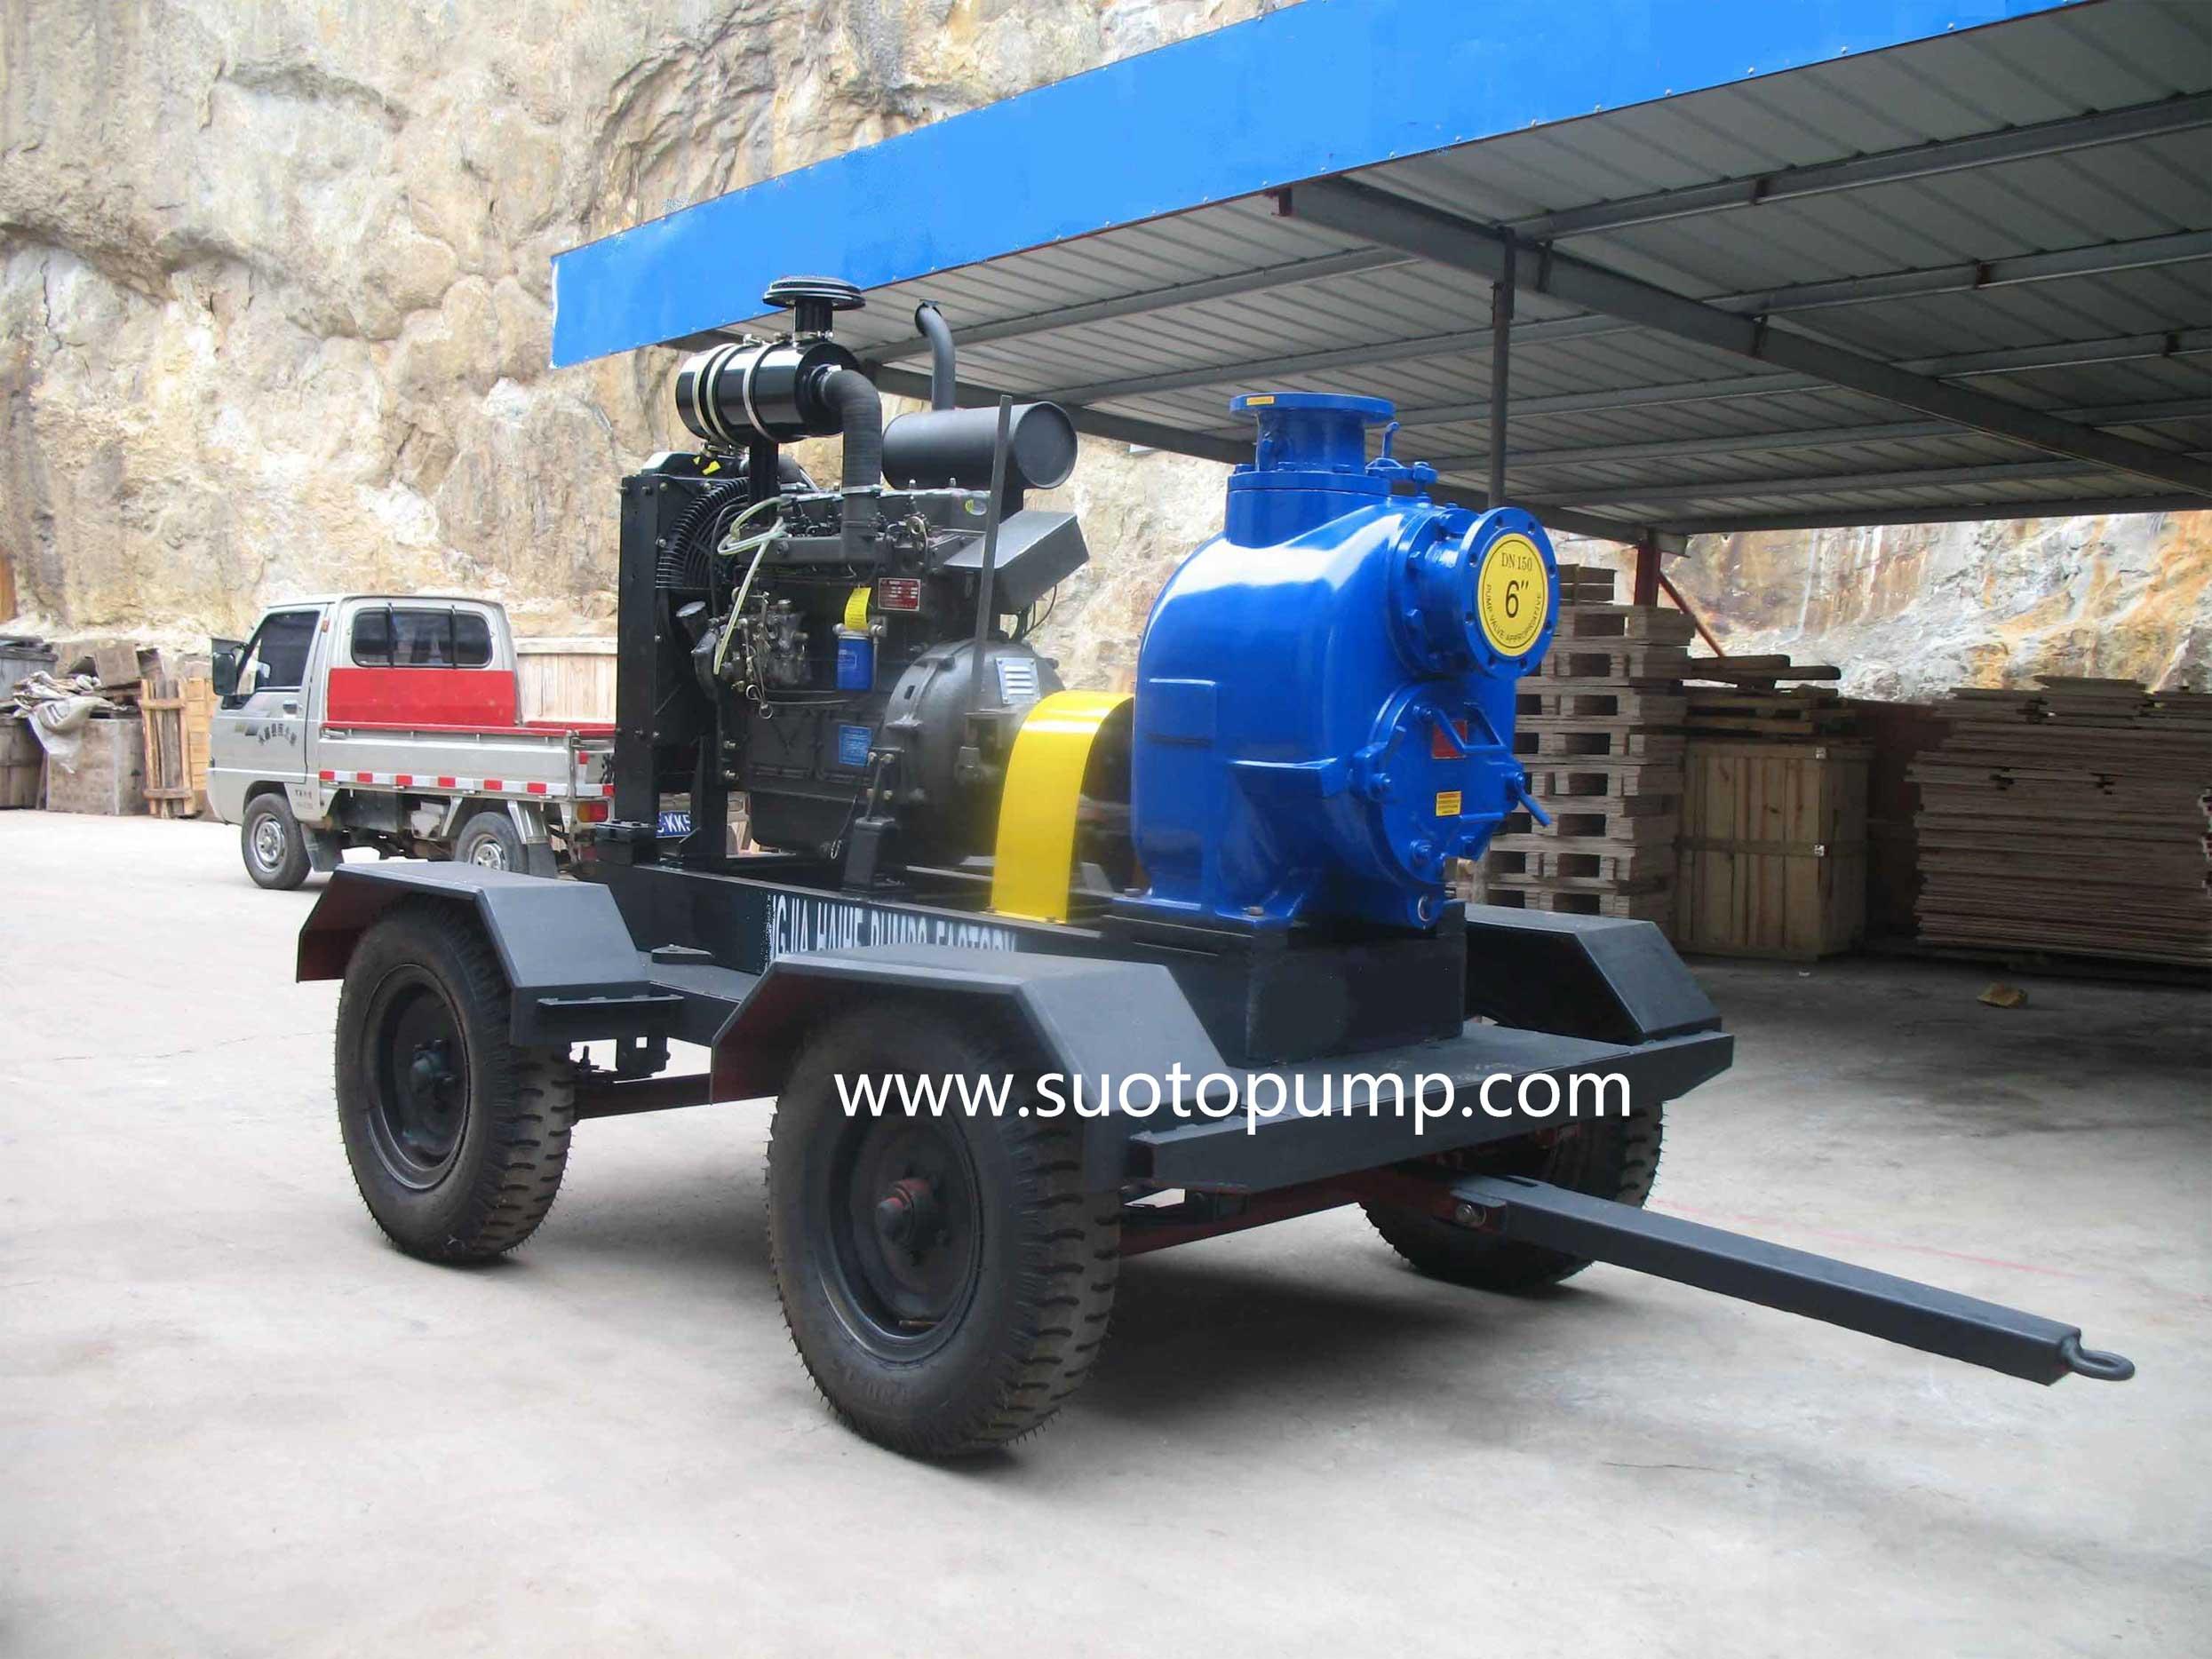 T Series Diesel Engine Self-priming Sewage Pump